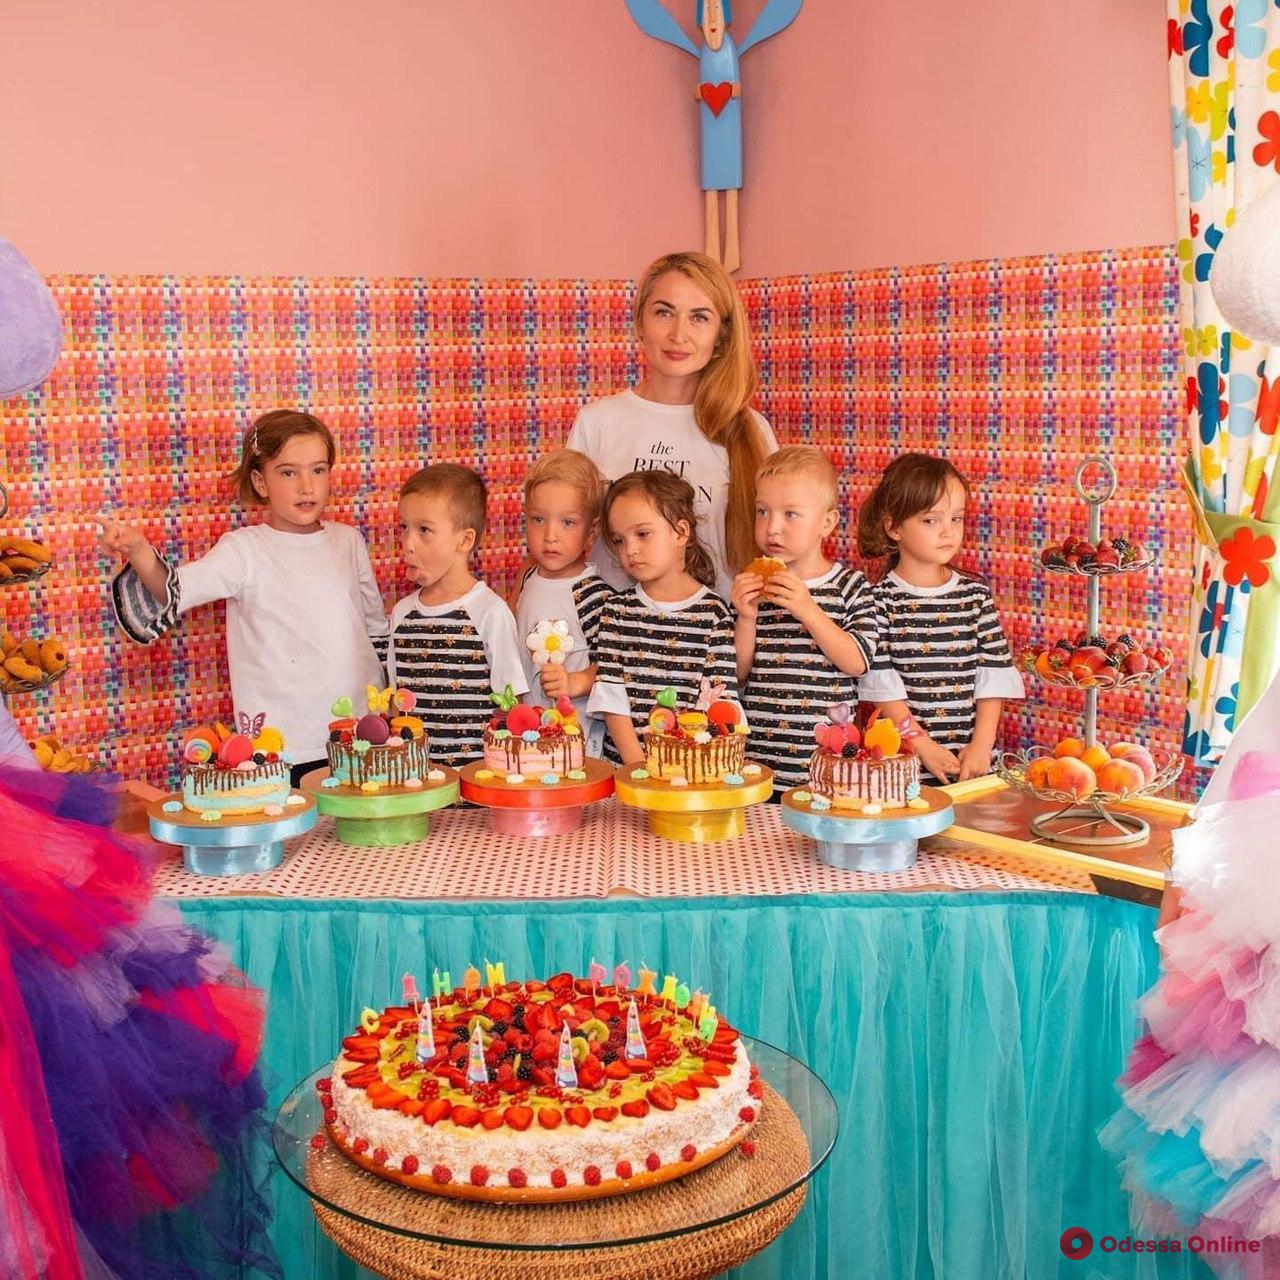 Одесские пятерняшки отметили четвертый День рождения (фото, видео)